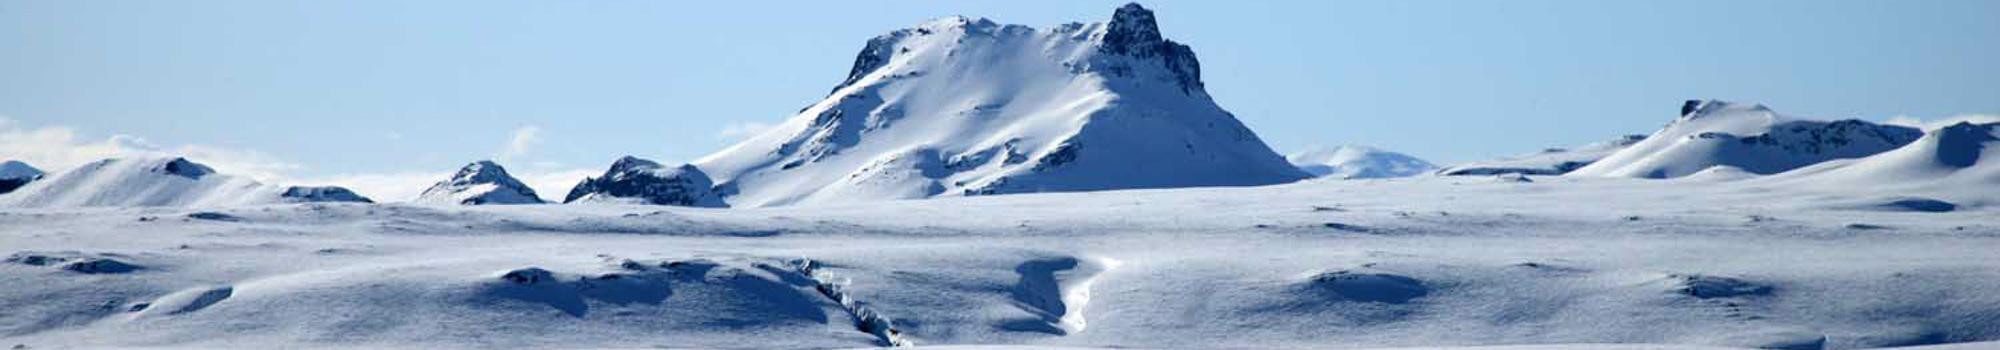 Snow capped Hveravellir